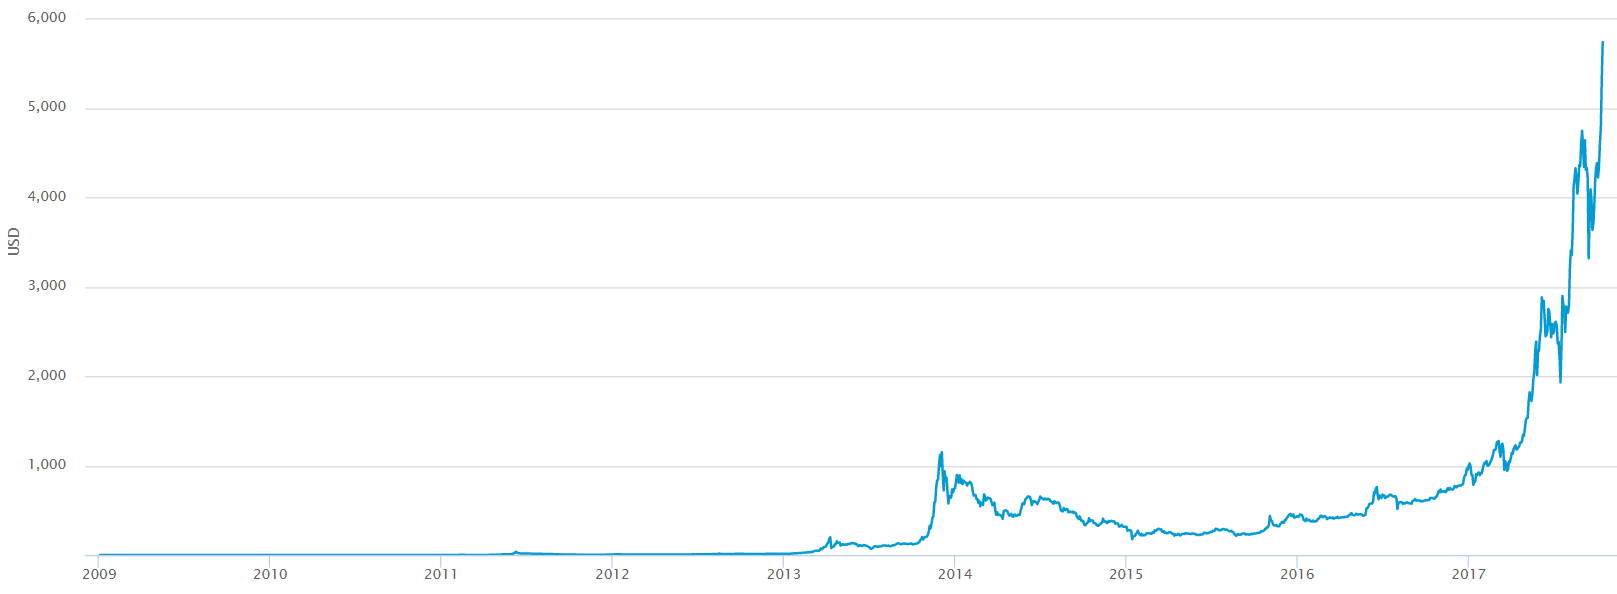 bitcoinusdprice-png